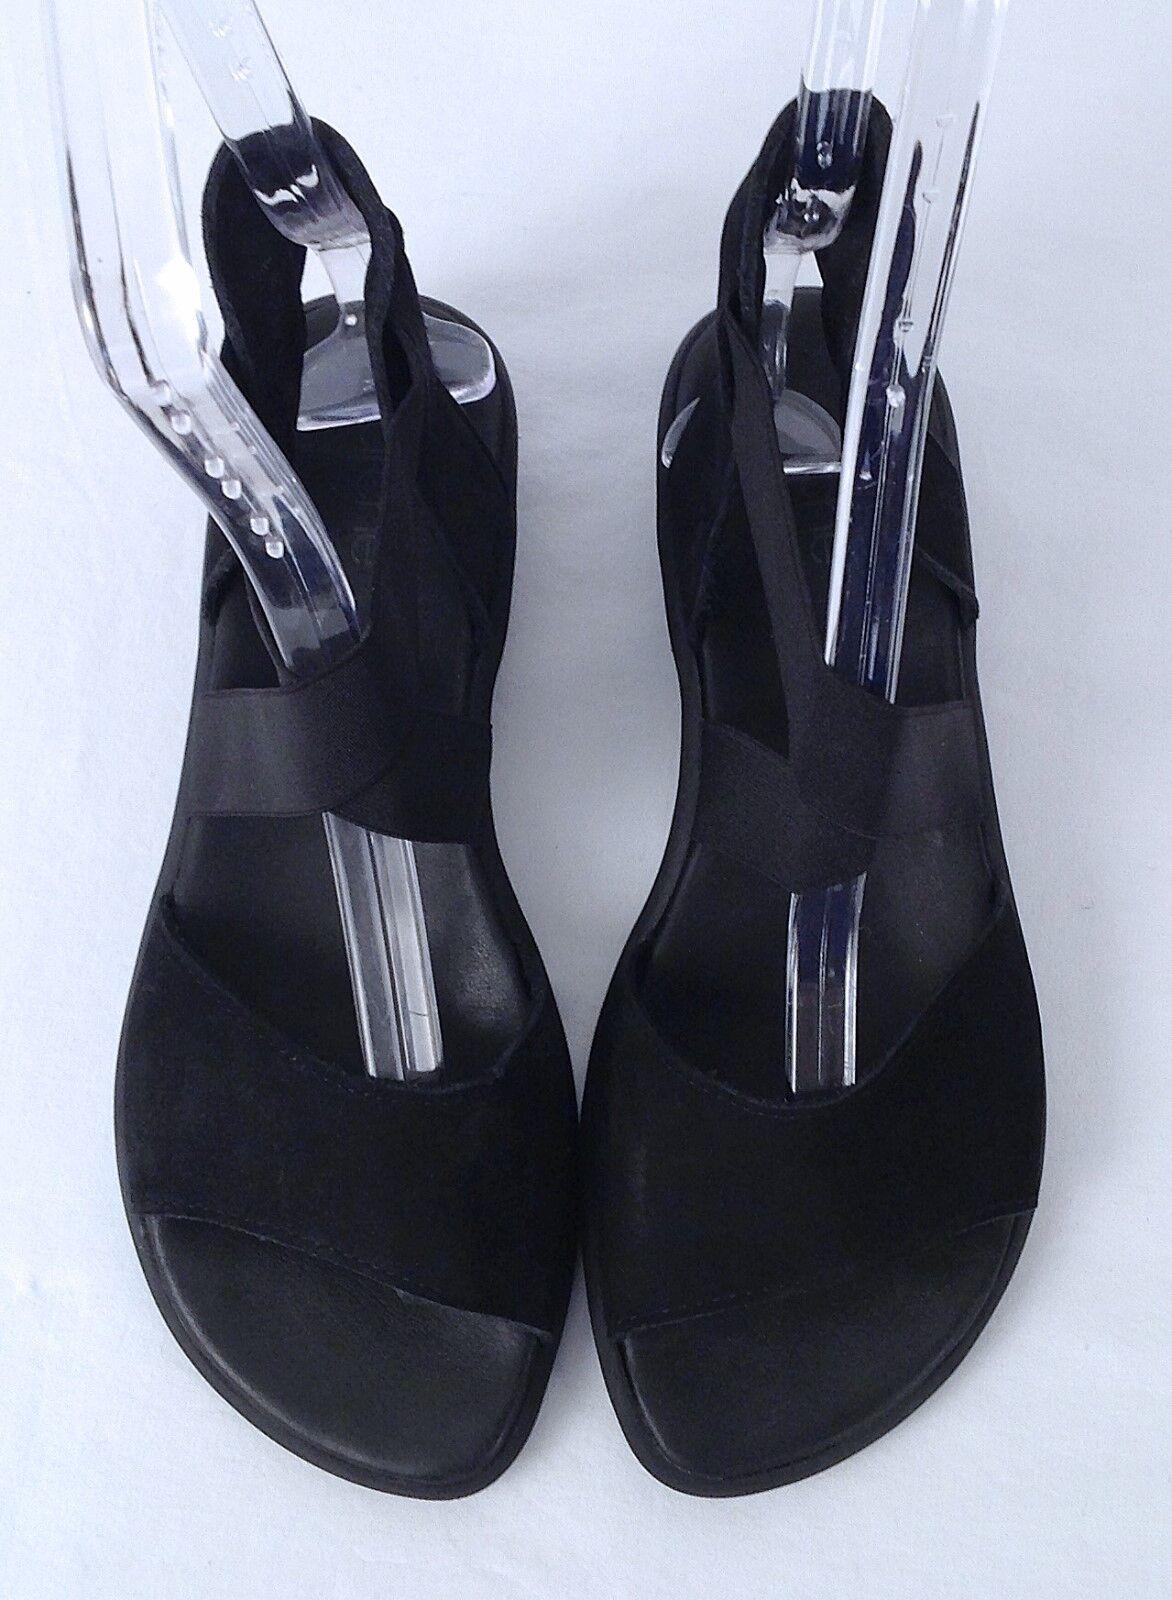 Arche 'Satia' Sandal - Black- Size 7 US  38 EU -  298  (P32)